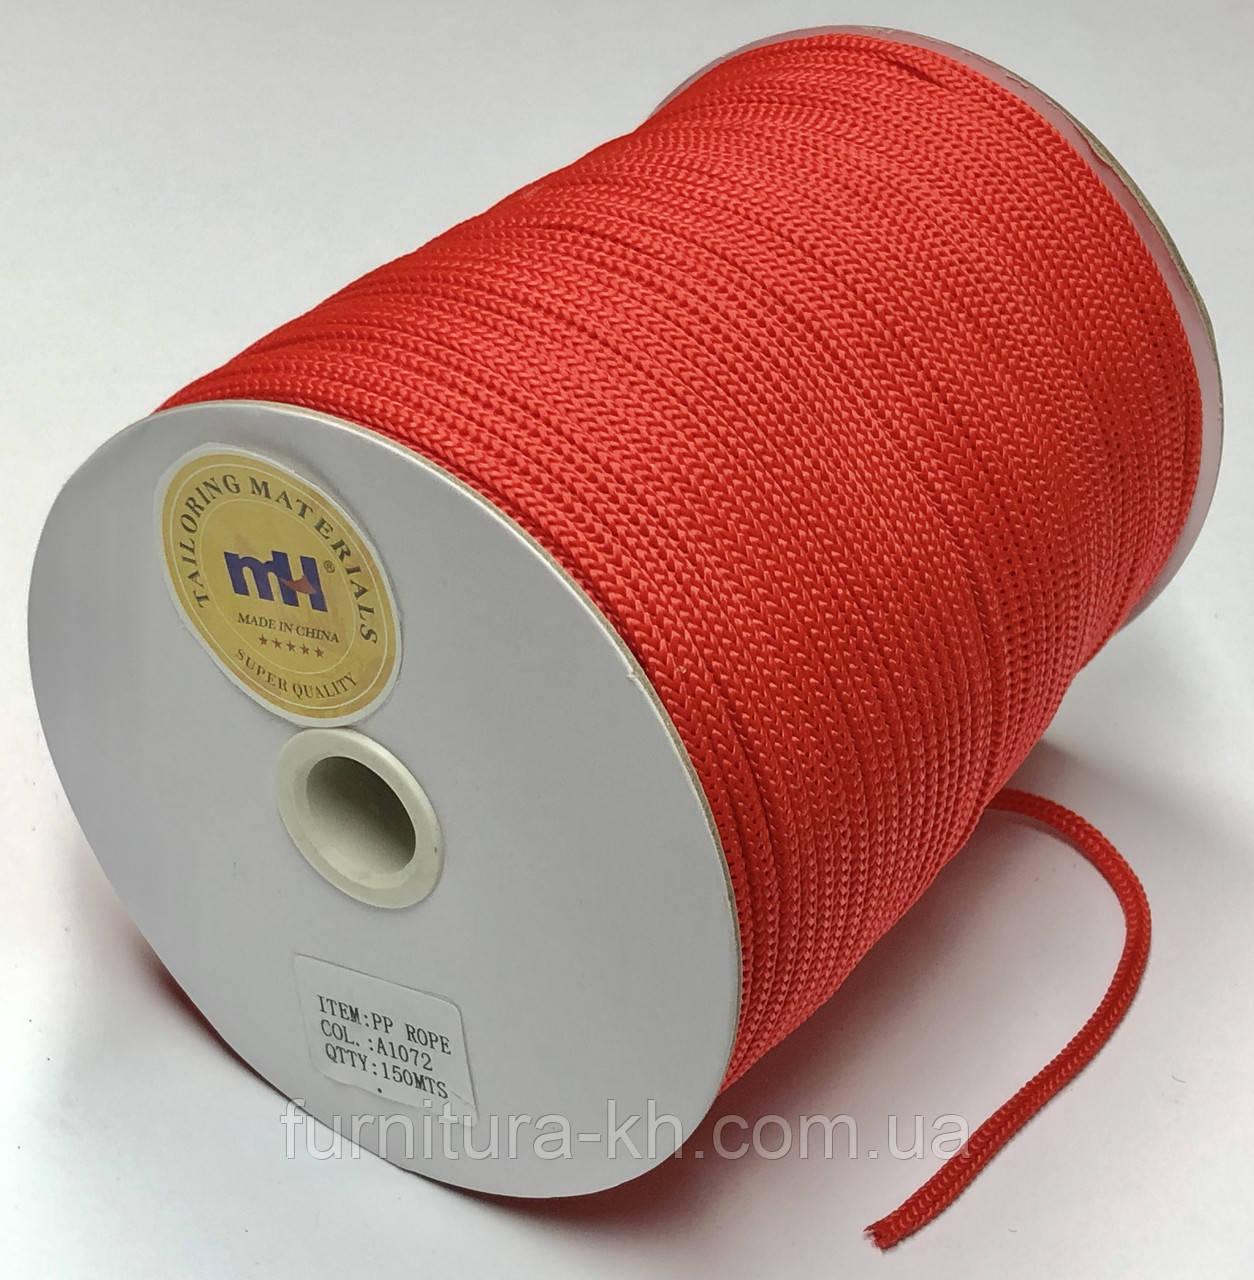 Шнур Круглый(одежный)Цвет Красный.Диаметр 4 мм Длина 150 метров